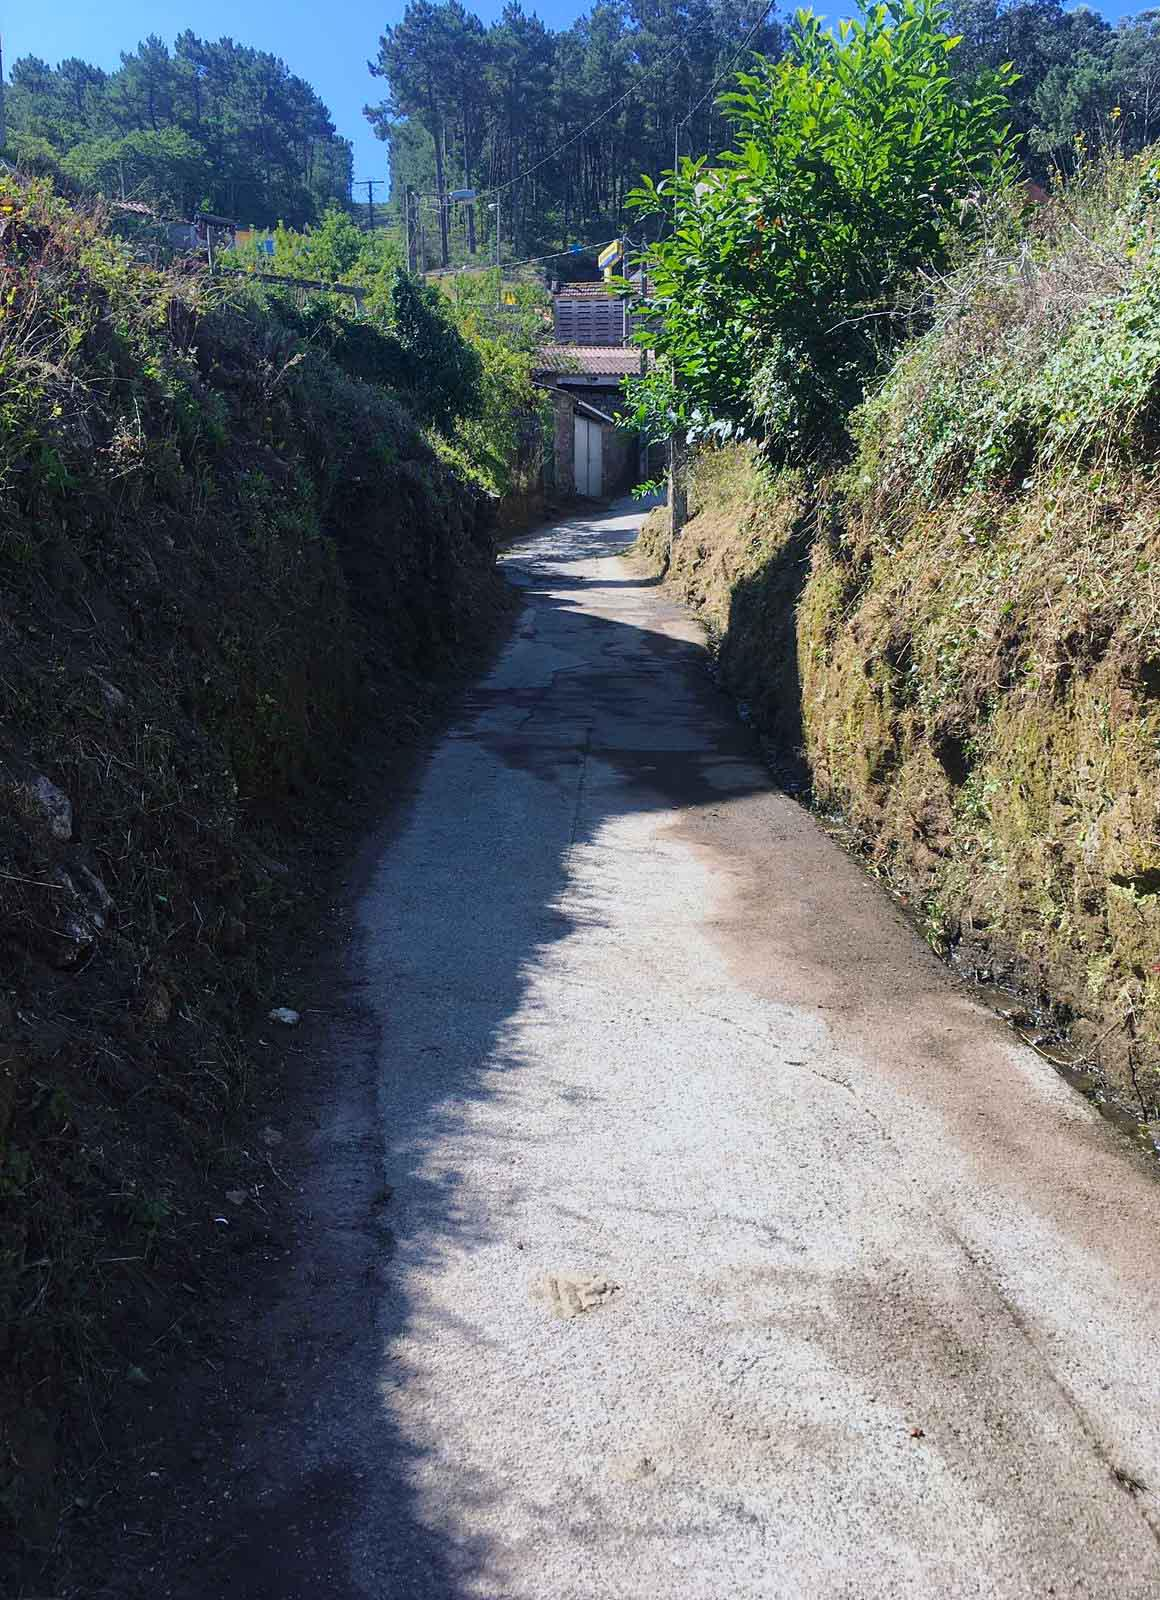 A brigada de praias de Noia efectúa desbroces nos accesos aos areais de Boa e Taramancos